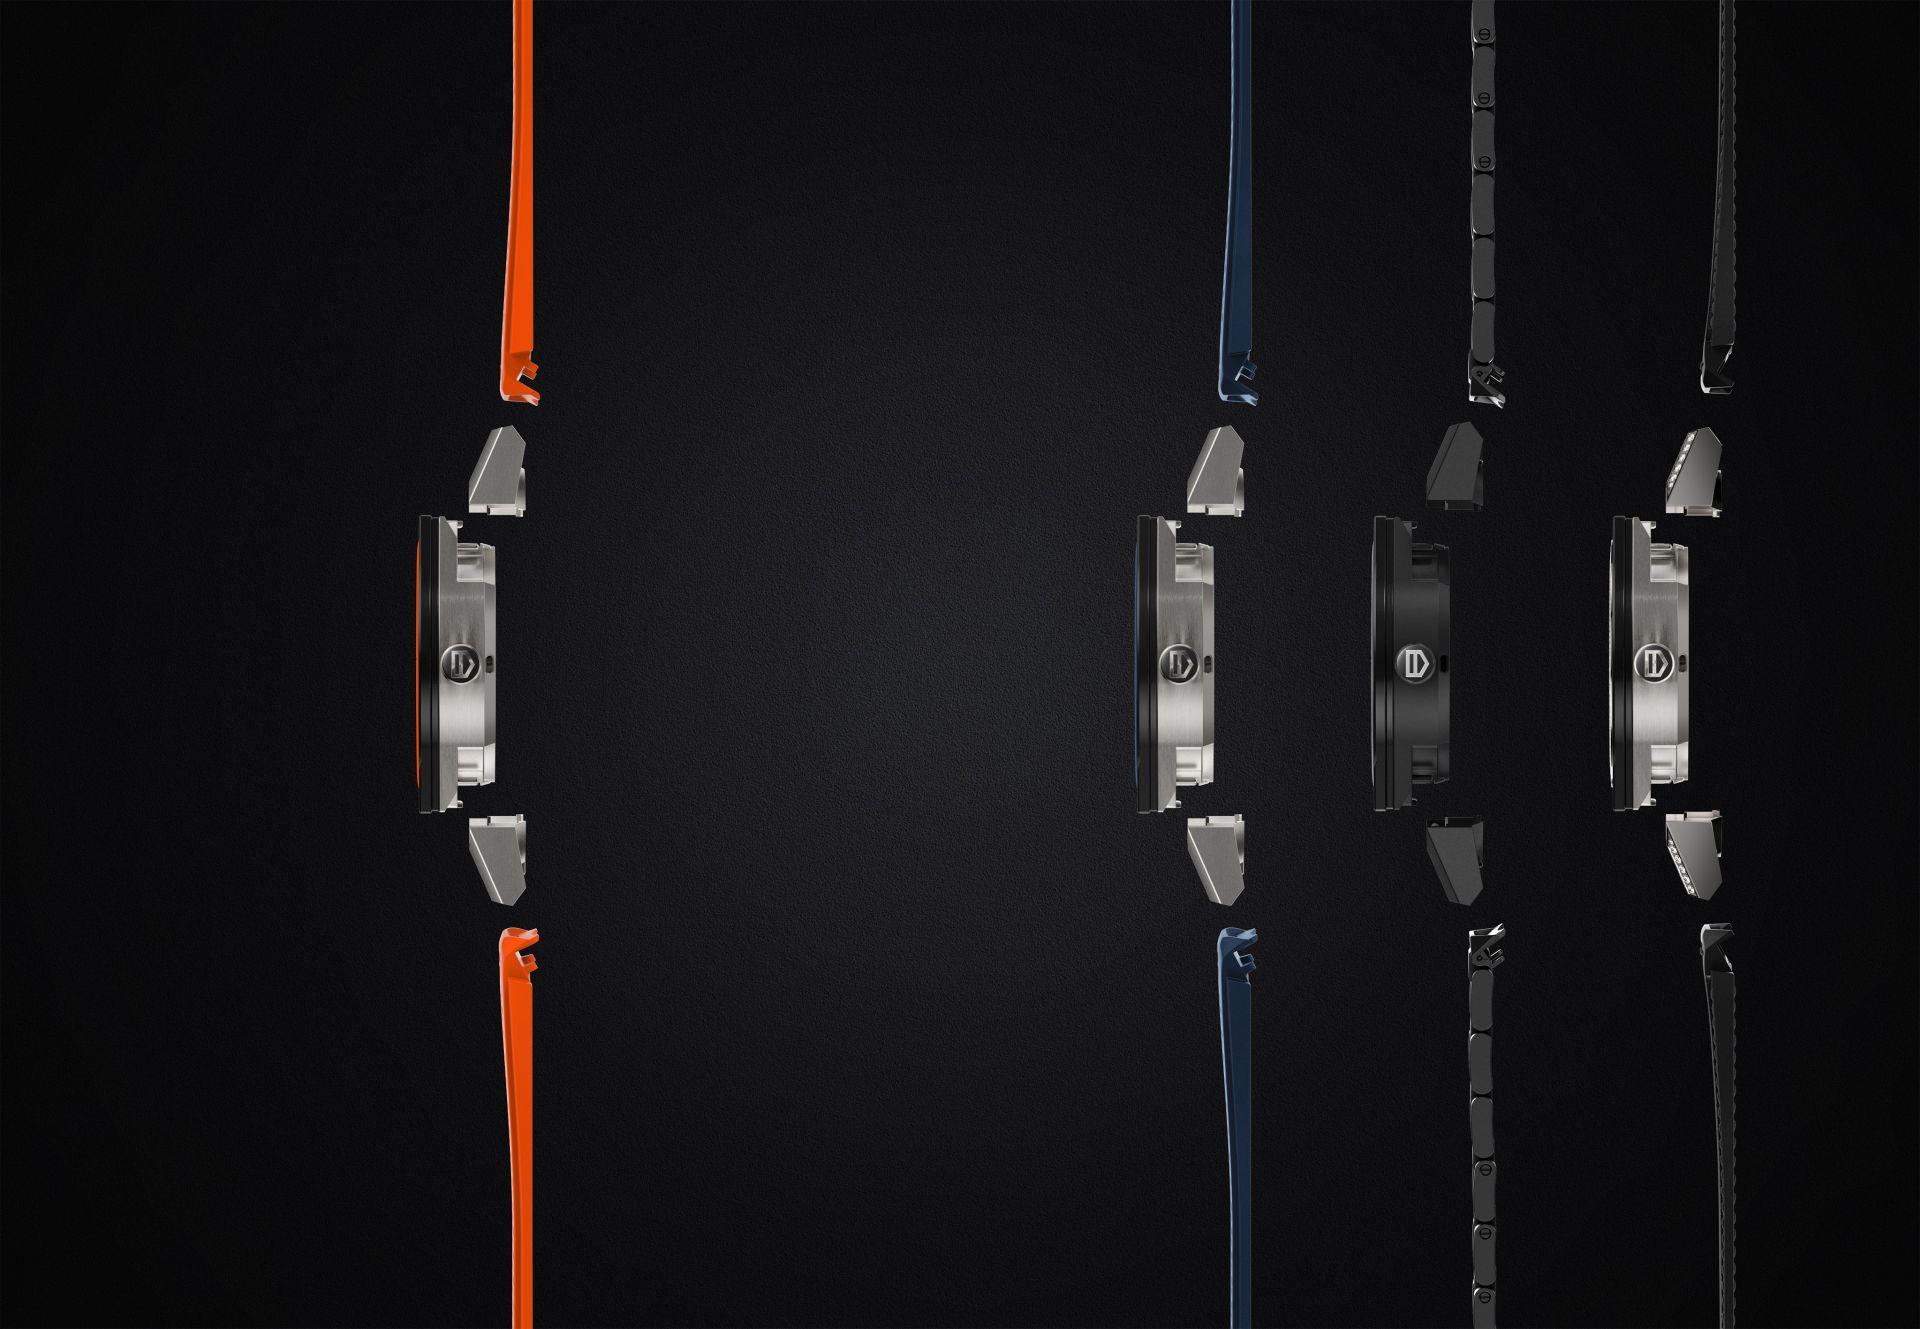 Connected Modular 45: Tag Heuers neue Smartwatch kommt mit mechanischem Uhrwerk - Die verschiedenen Ausstattungsvarianten der Connected Modular 45 von Tag Heuer (Bild: Tag Heuer)